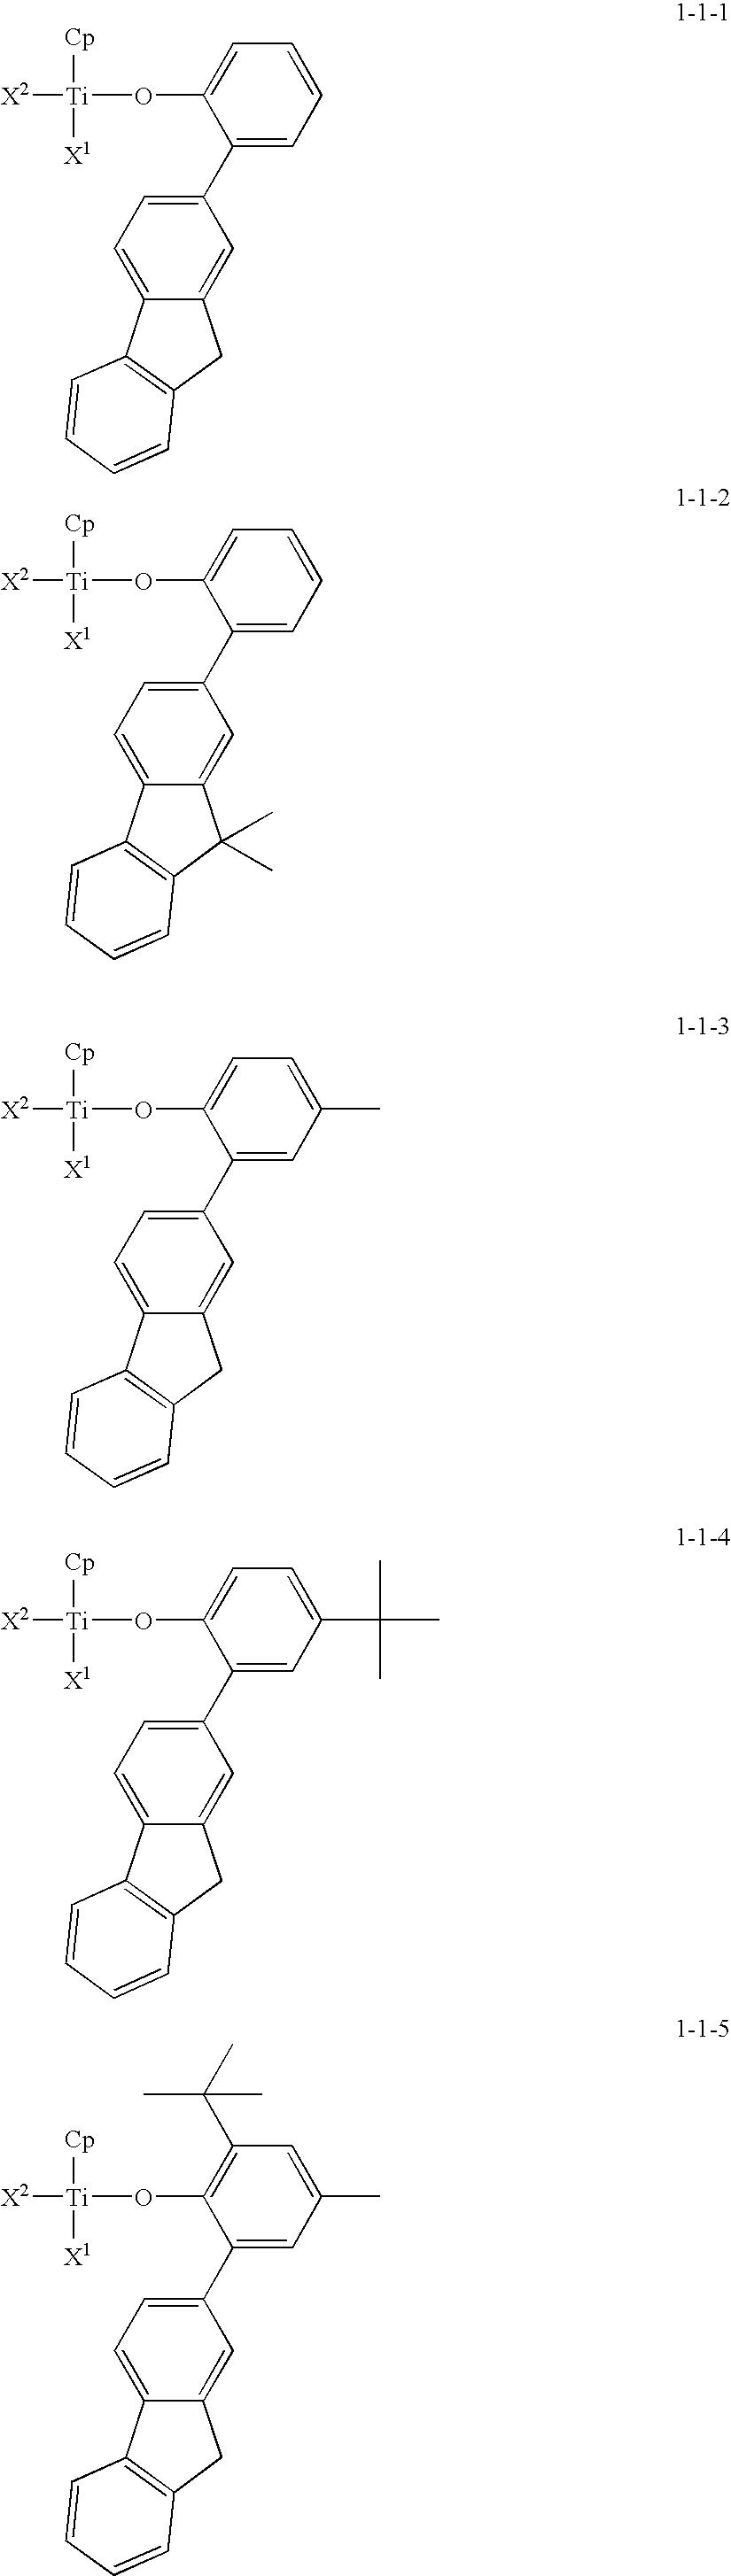 Figure US20100081776A1-20100401-C00004